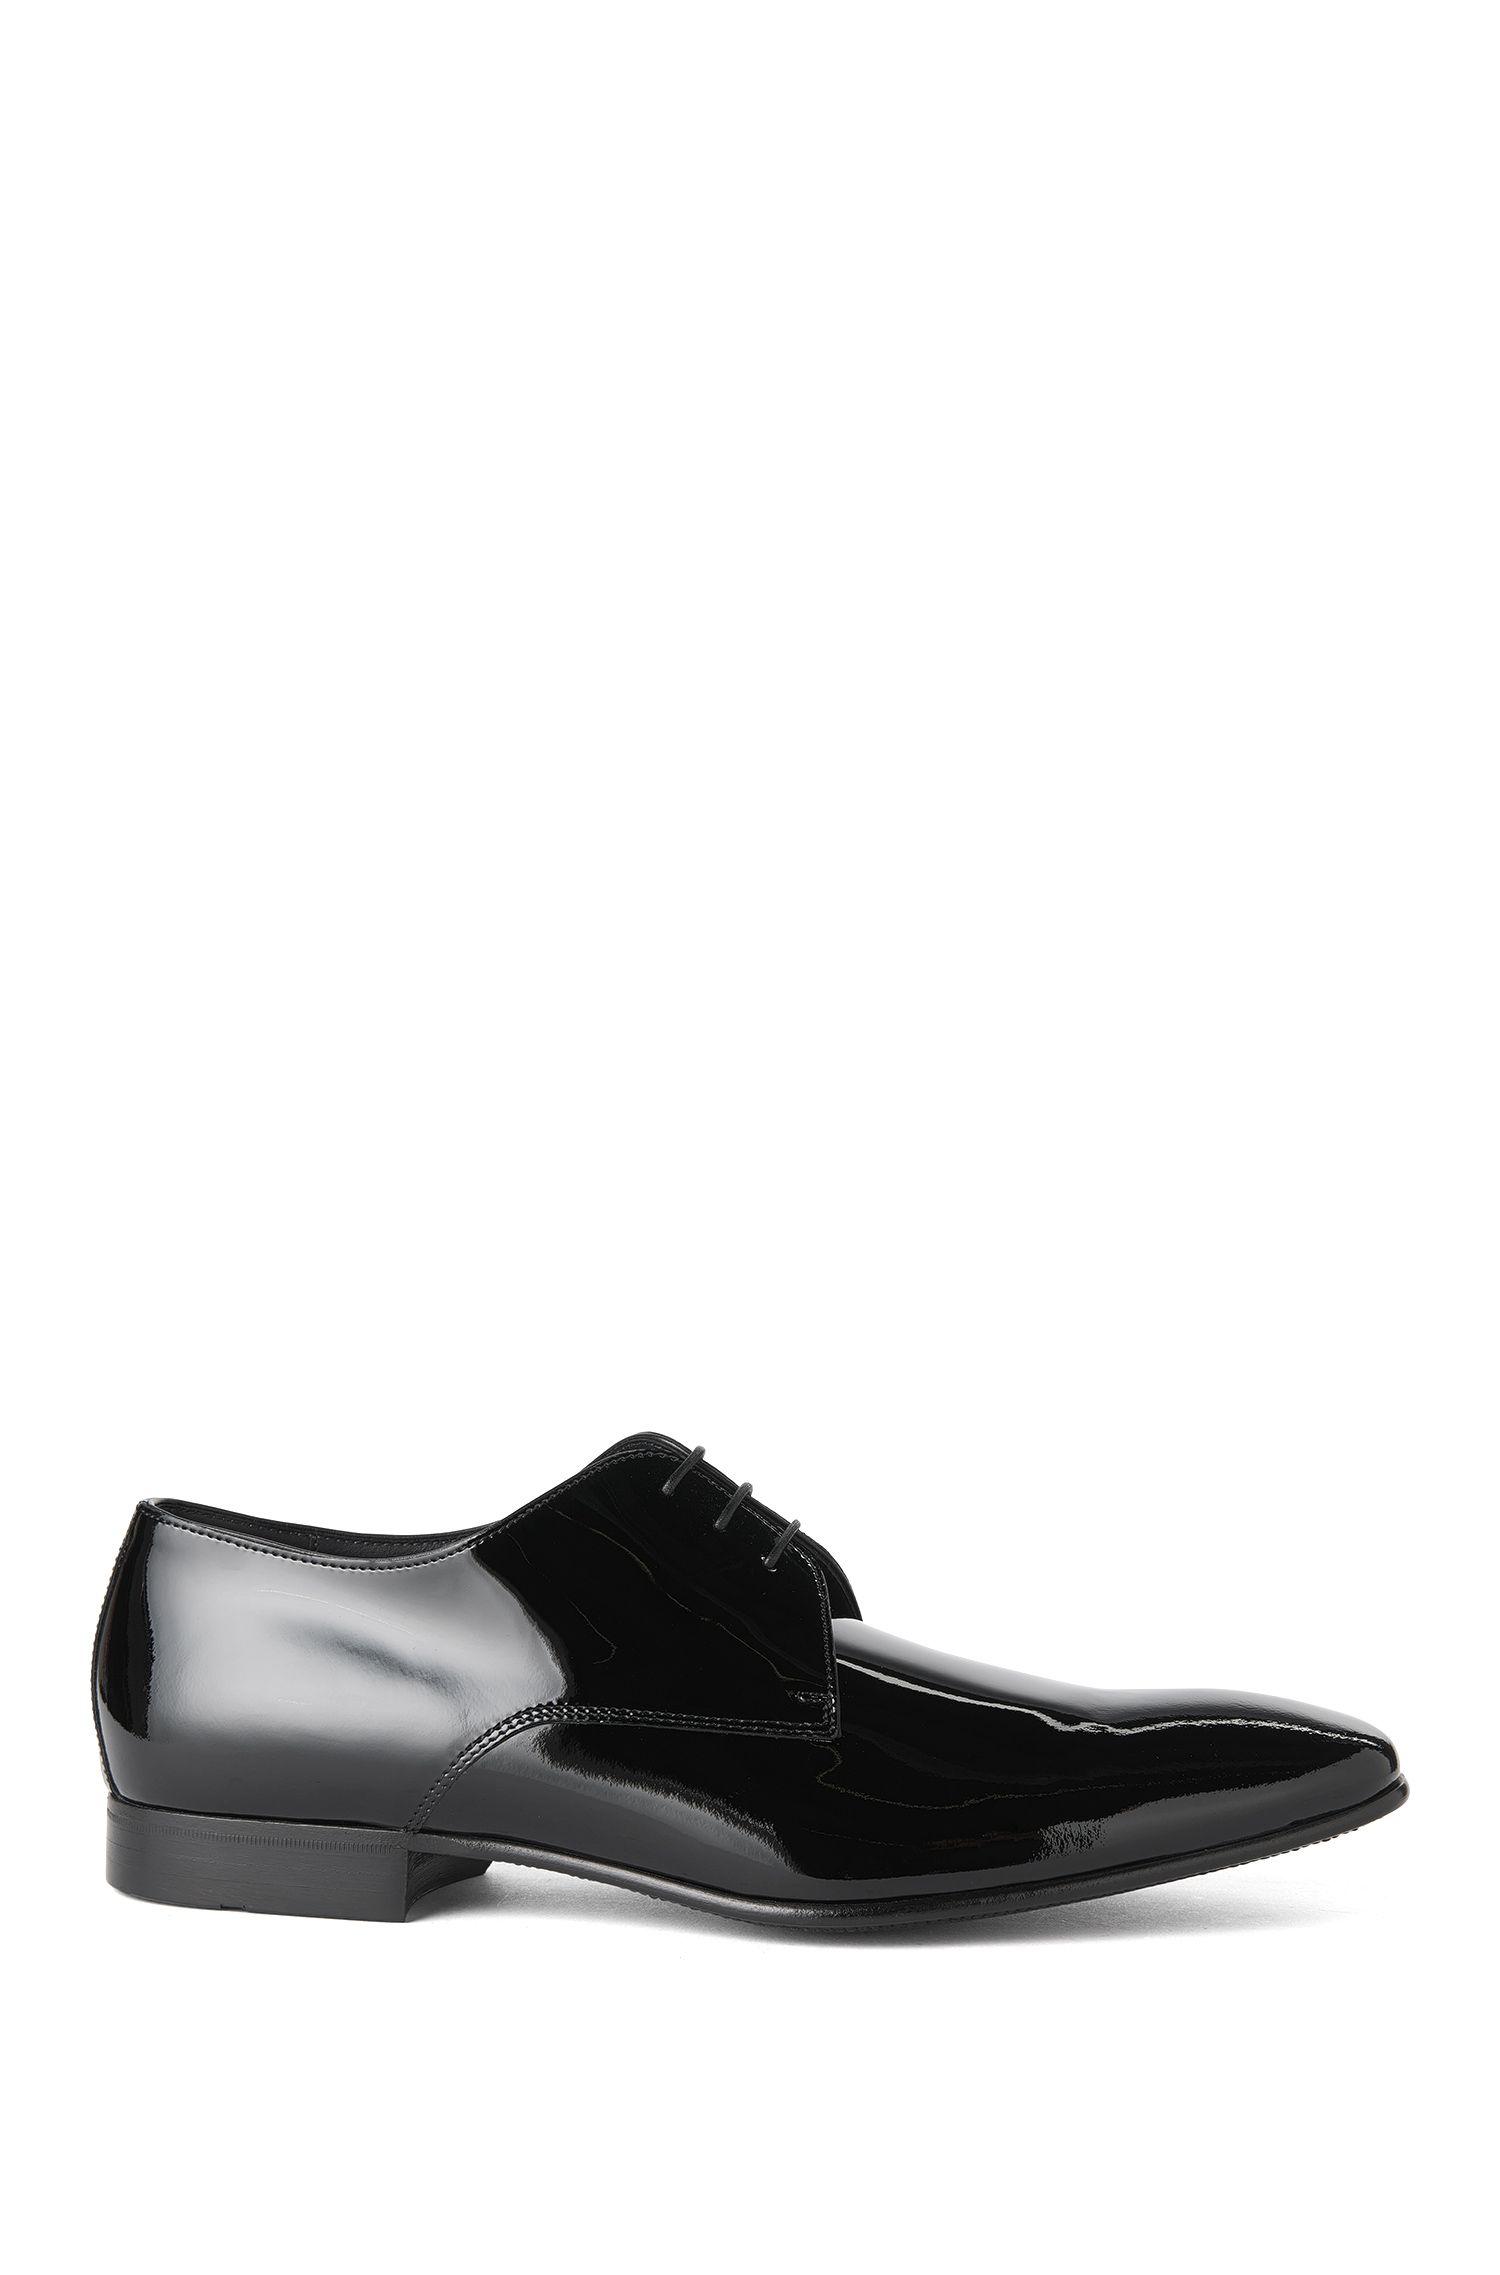 Italian Patent Leather Derby Tuxedo Shoe | Cristallo